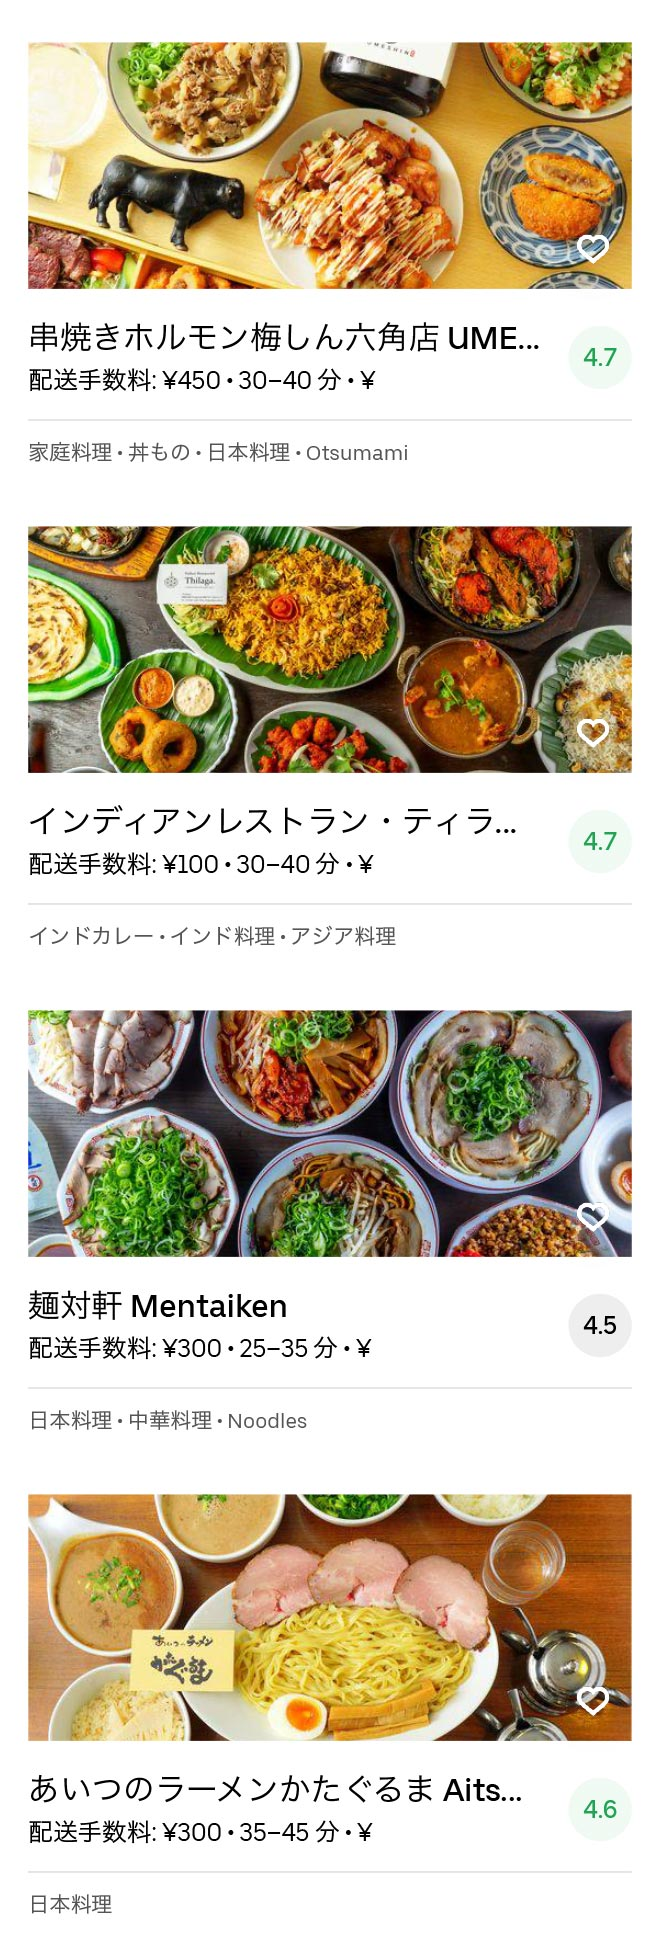 Kyoto hanazono menu 2005 10